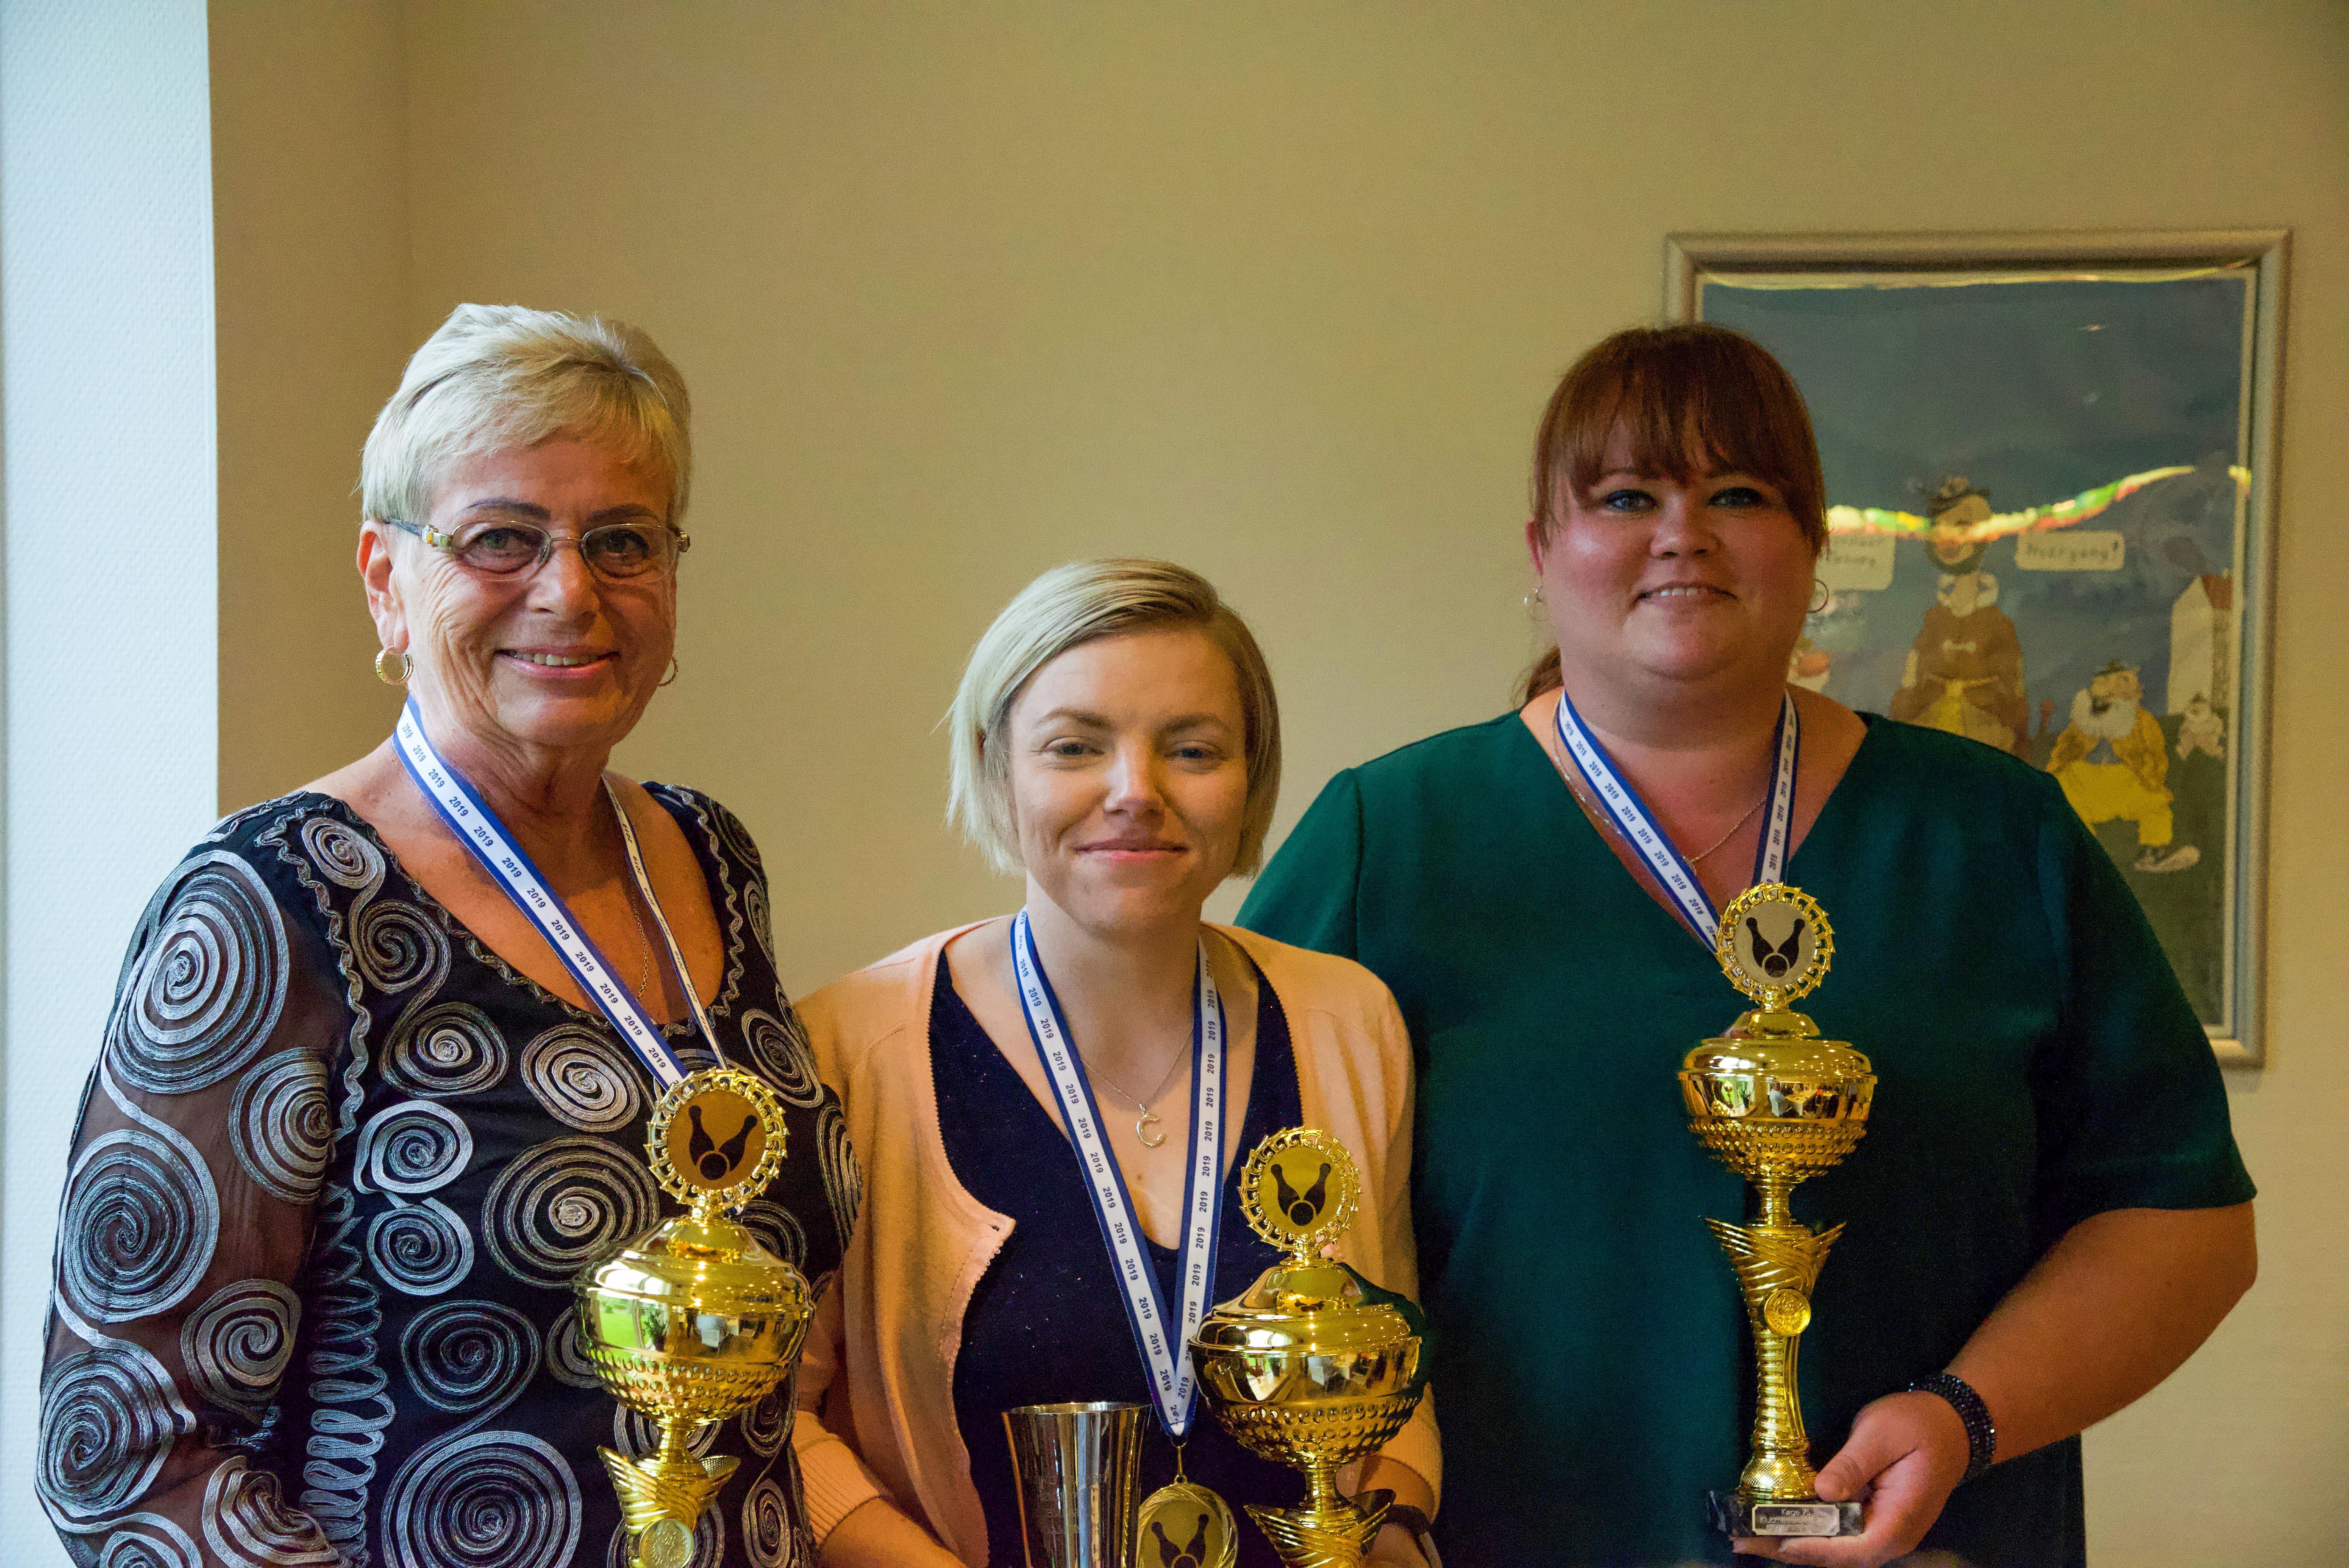 Klubmester. Guld til Christel Overgaard, sølv til Ann L. Hansen, bronze til Birgit Thomassen.